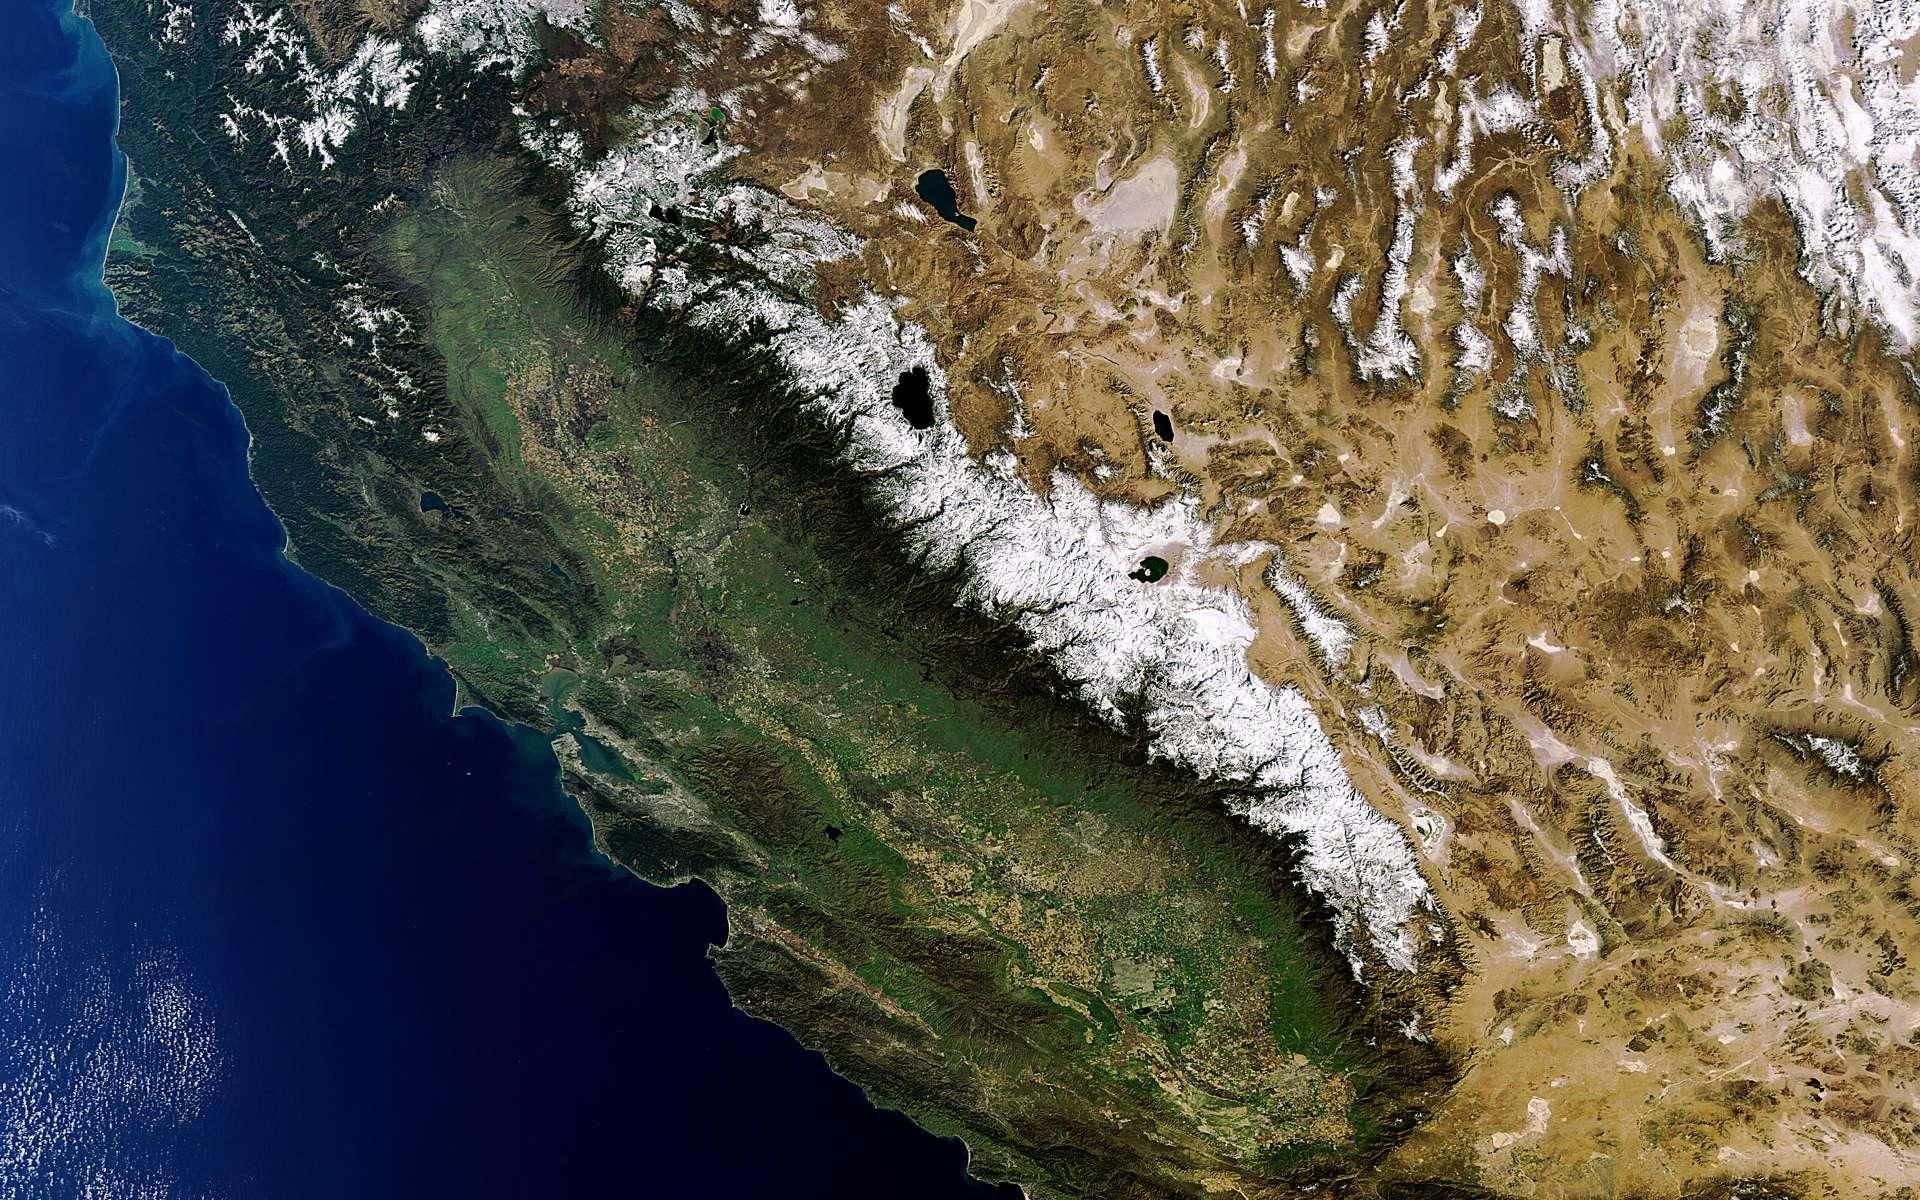 Le contraste entre la Californie, à gauche, généreusement arrosée, et le Nevada désertique, à droite, est clairement mis en évidence sur cette image prise le 9 février 2011 par la caméra Meris (Medium Resolution Imaging Spectrometer) avec une résolution au sol de 300 mètres. © Esa